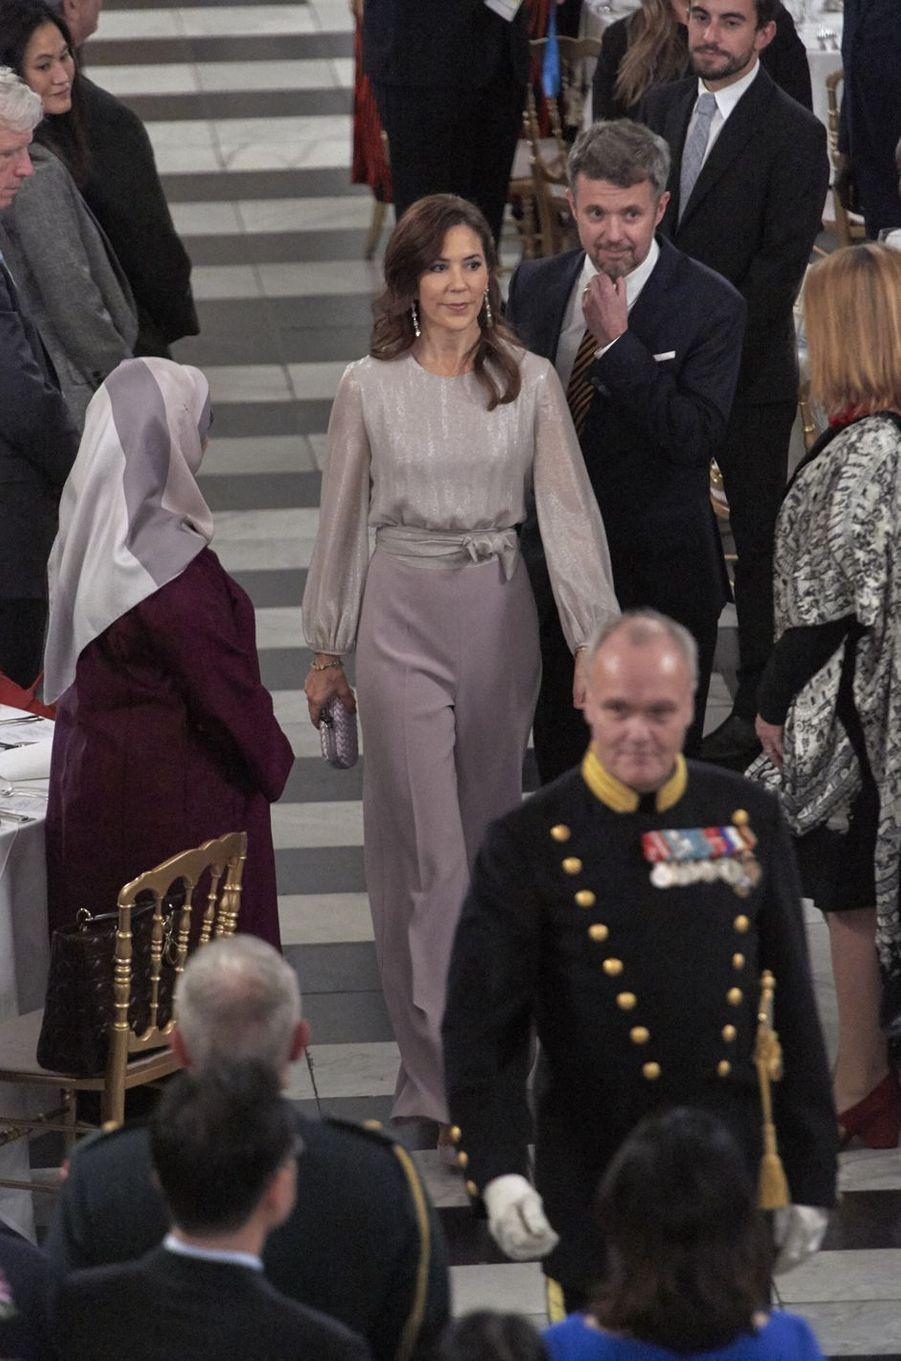 La princesse Mary et le prince Frederik de Danemark à Copenhague, le 11 octobre 2019